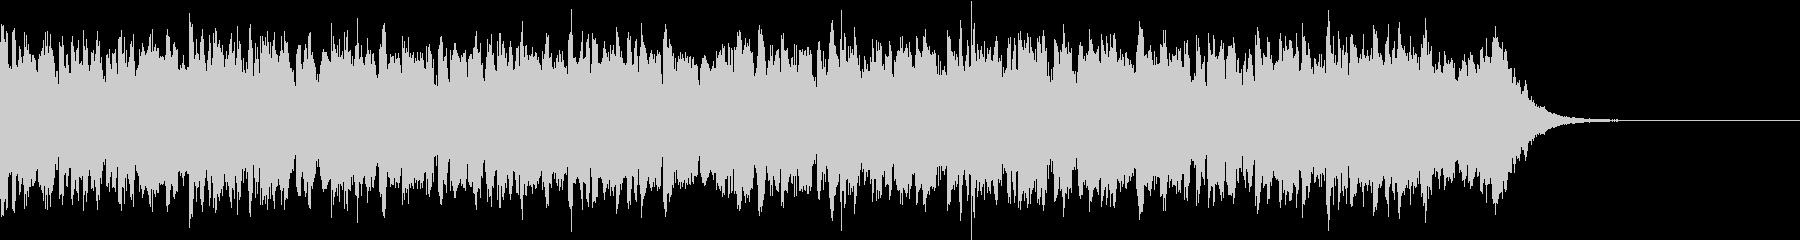 『カルメン』序曲 テクノポップにアレンジの未再生の波形